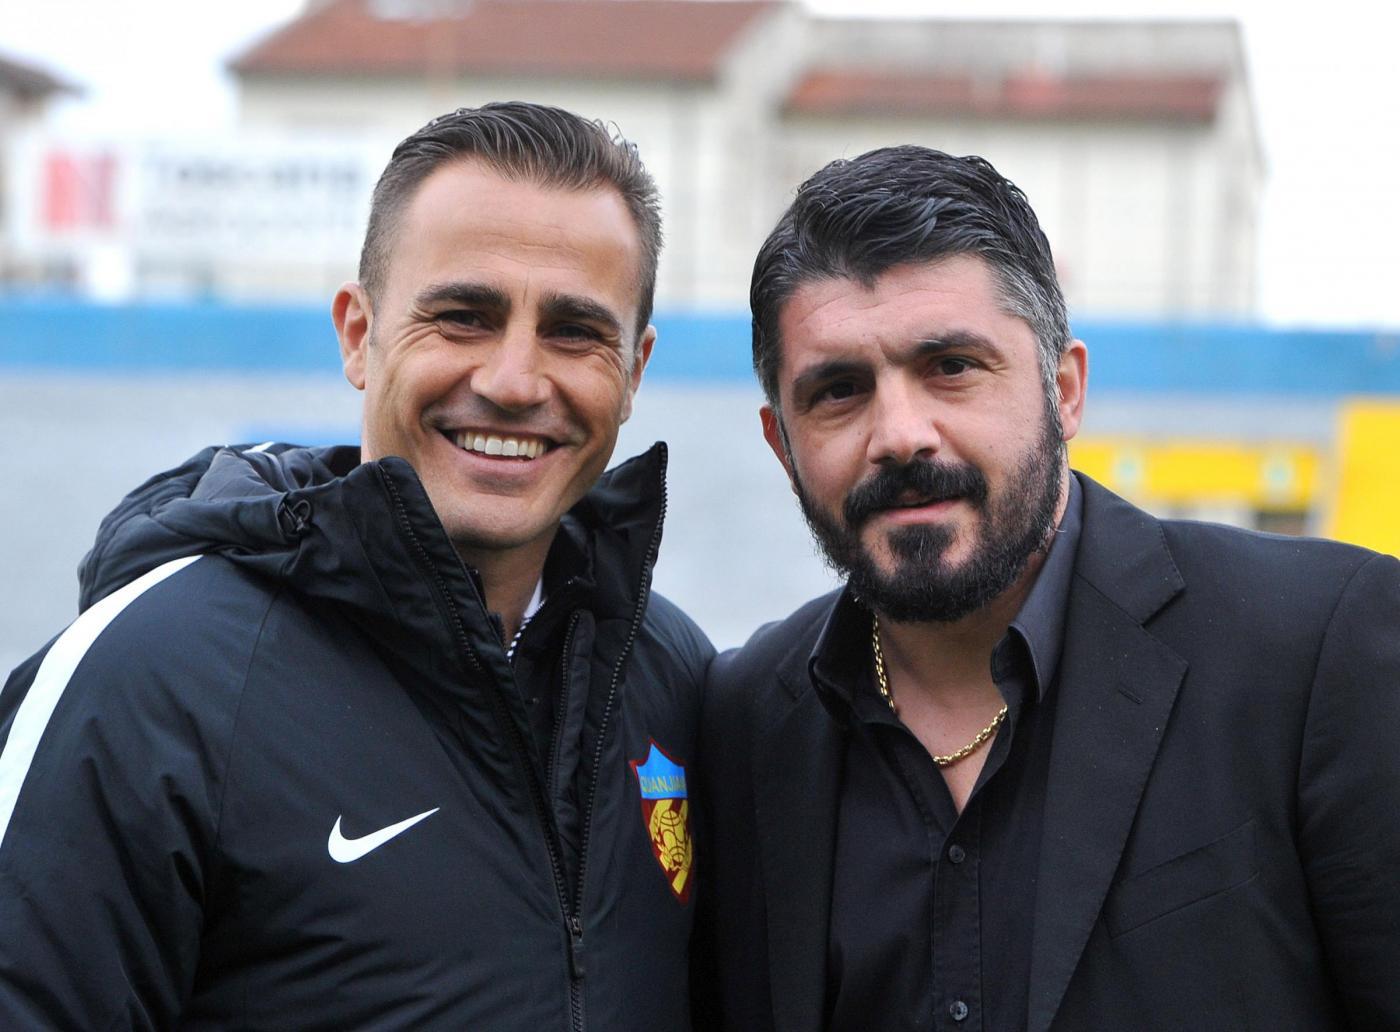 Amichevole: Gattuso batte Cannavaro